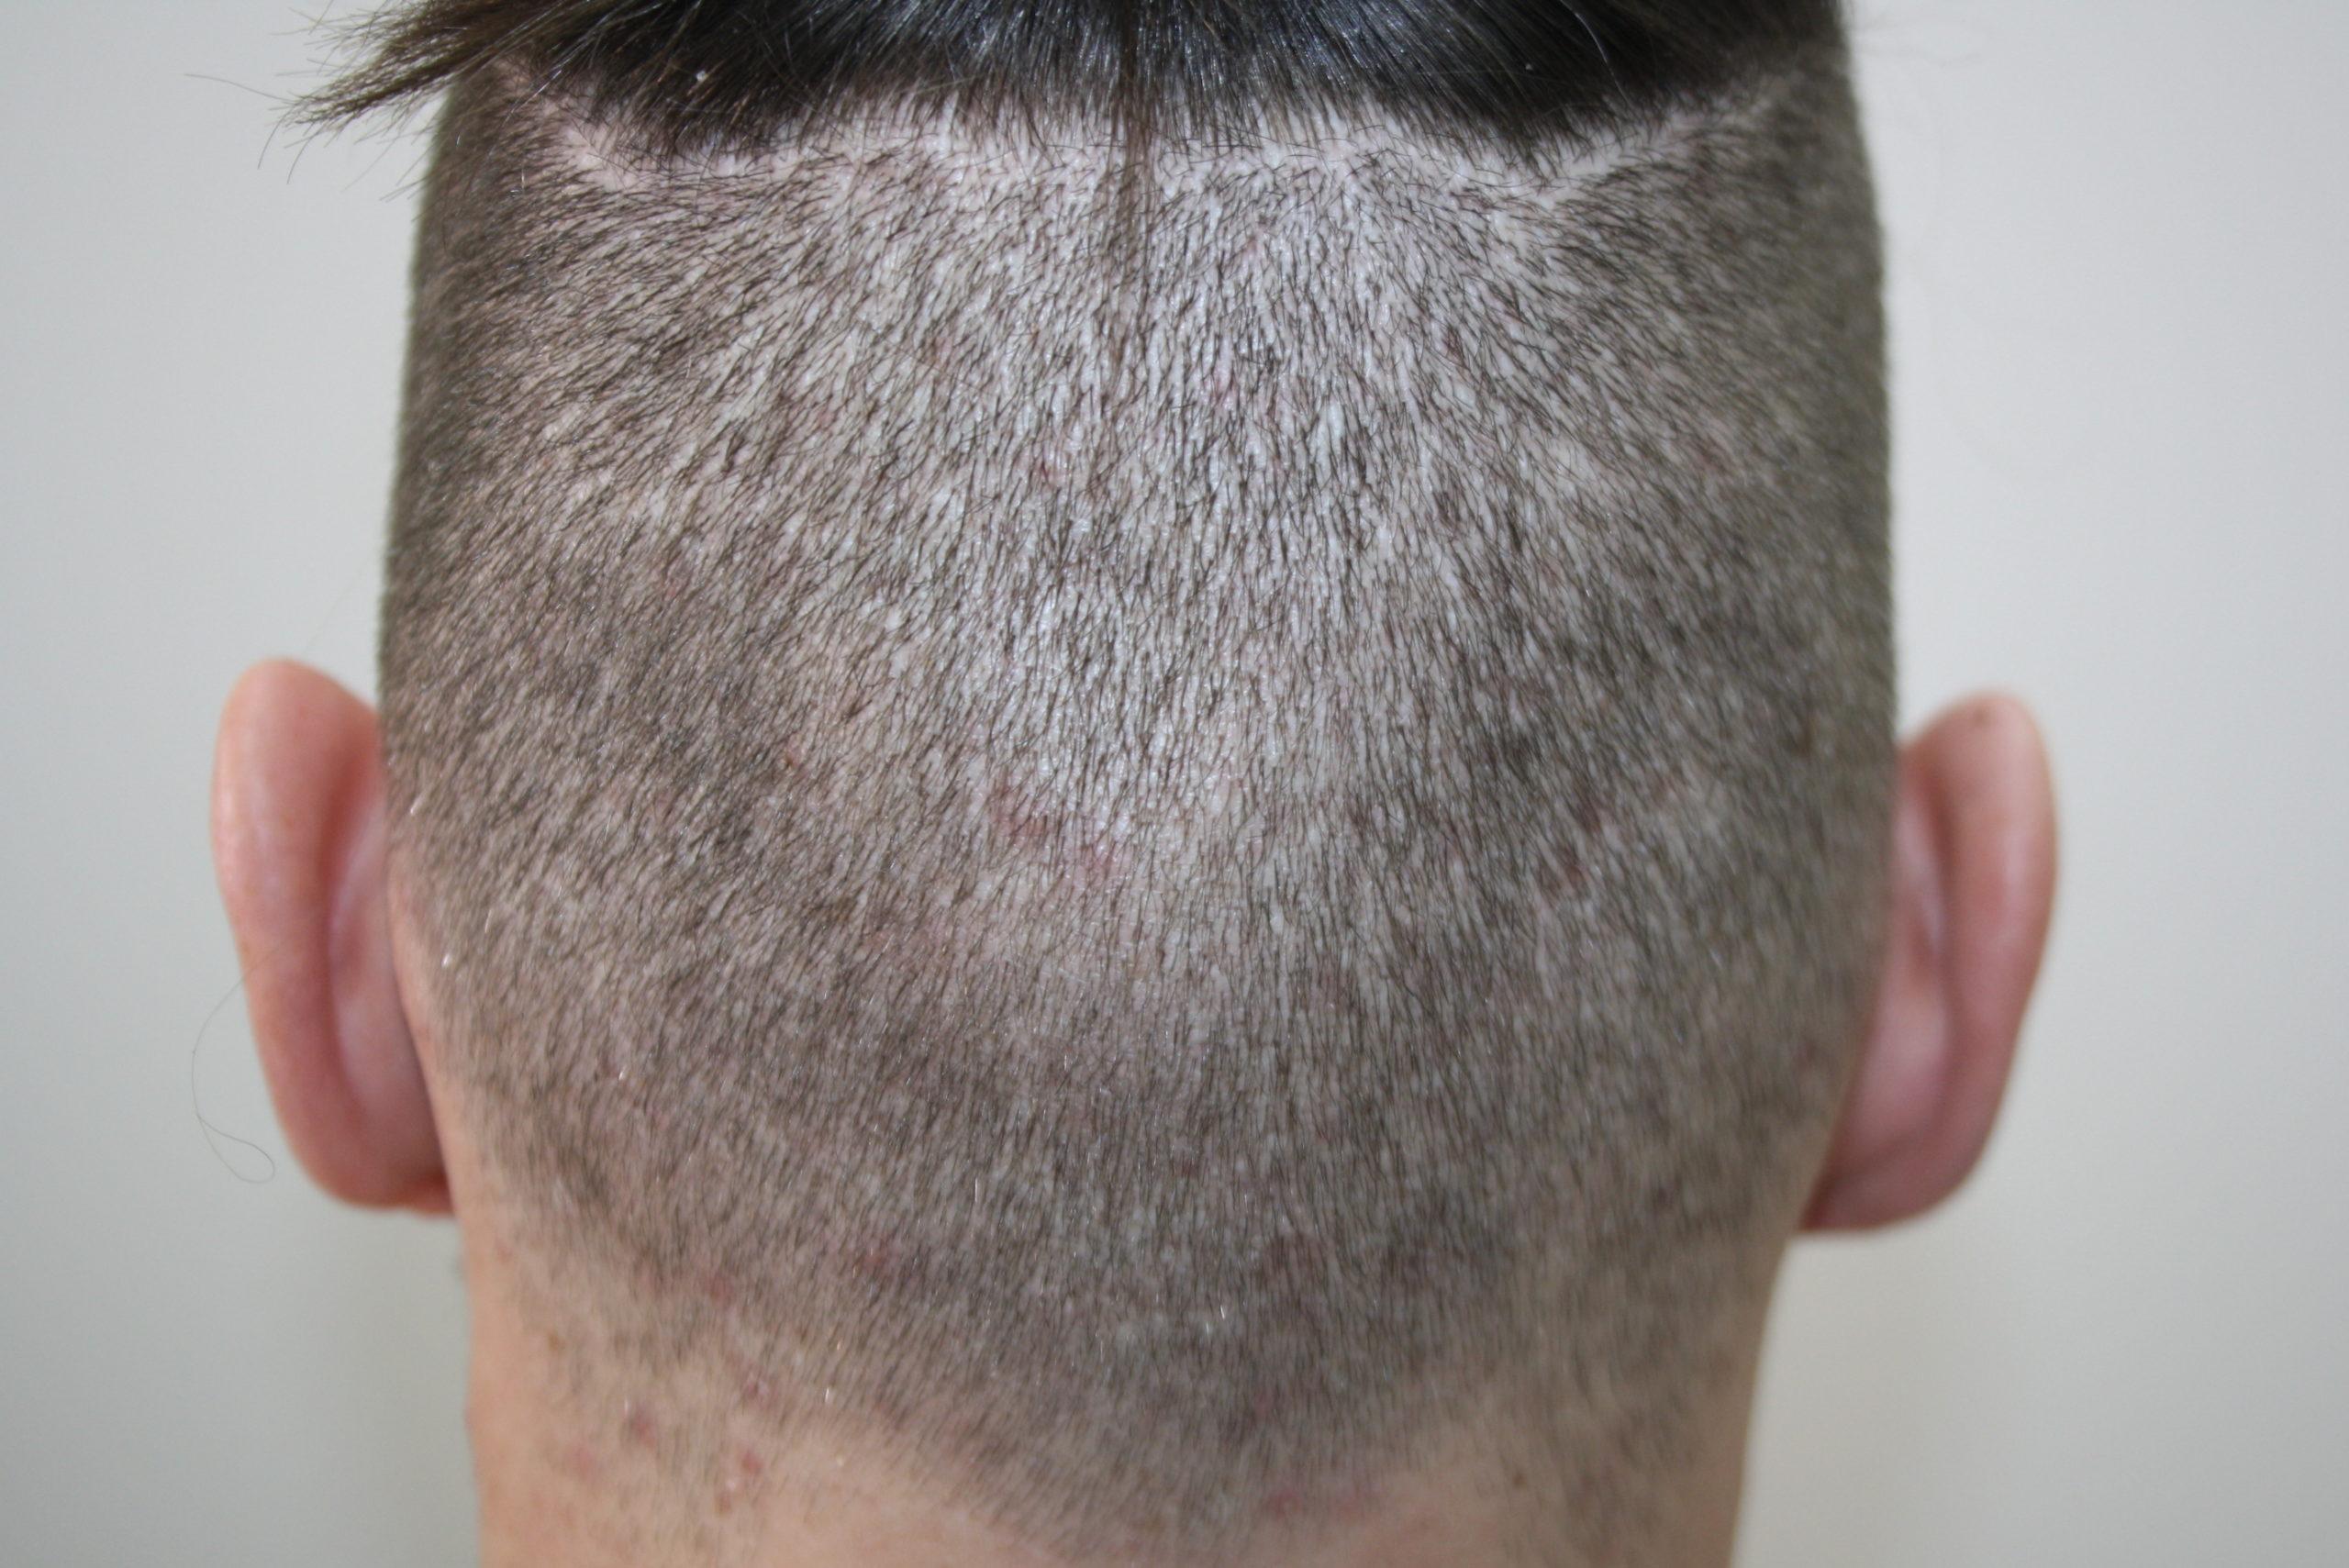 Kurzhaarfrisur nach FUE Haartransplantation